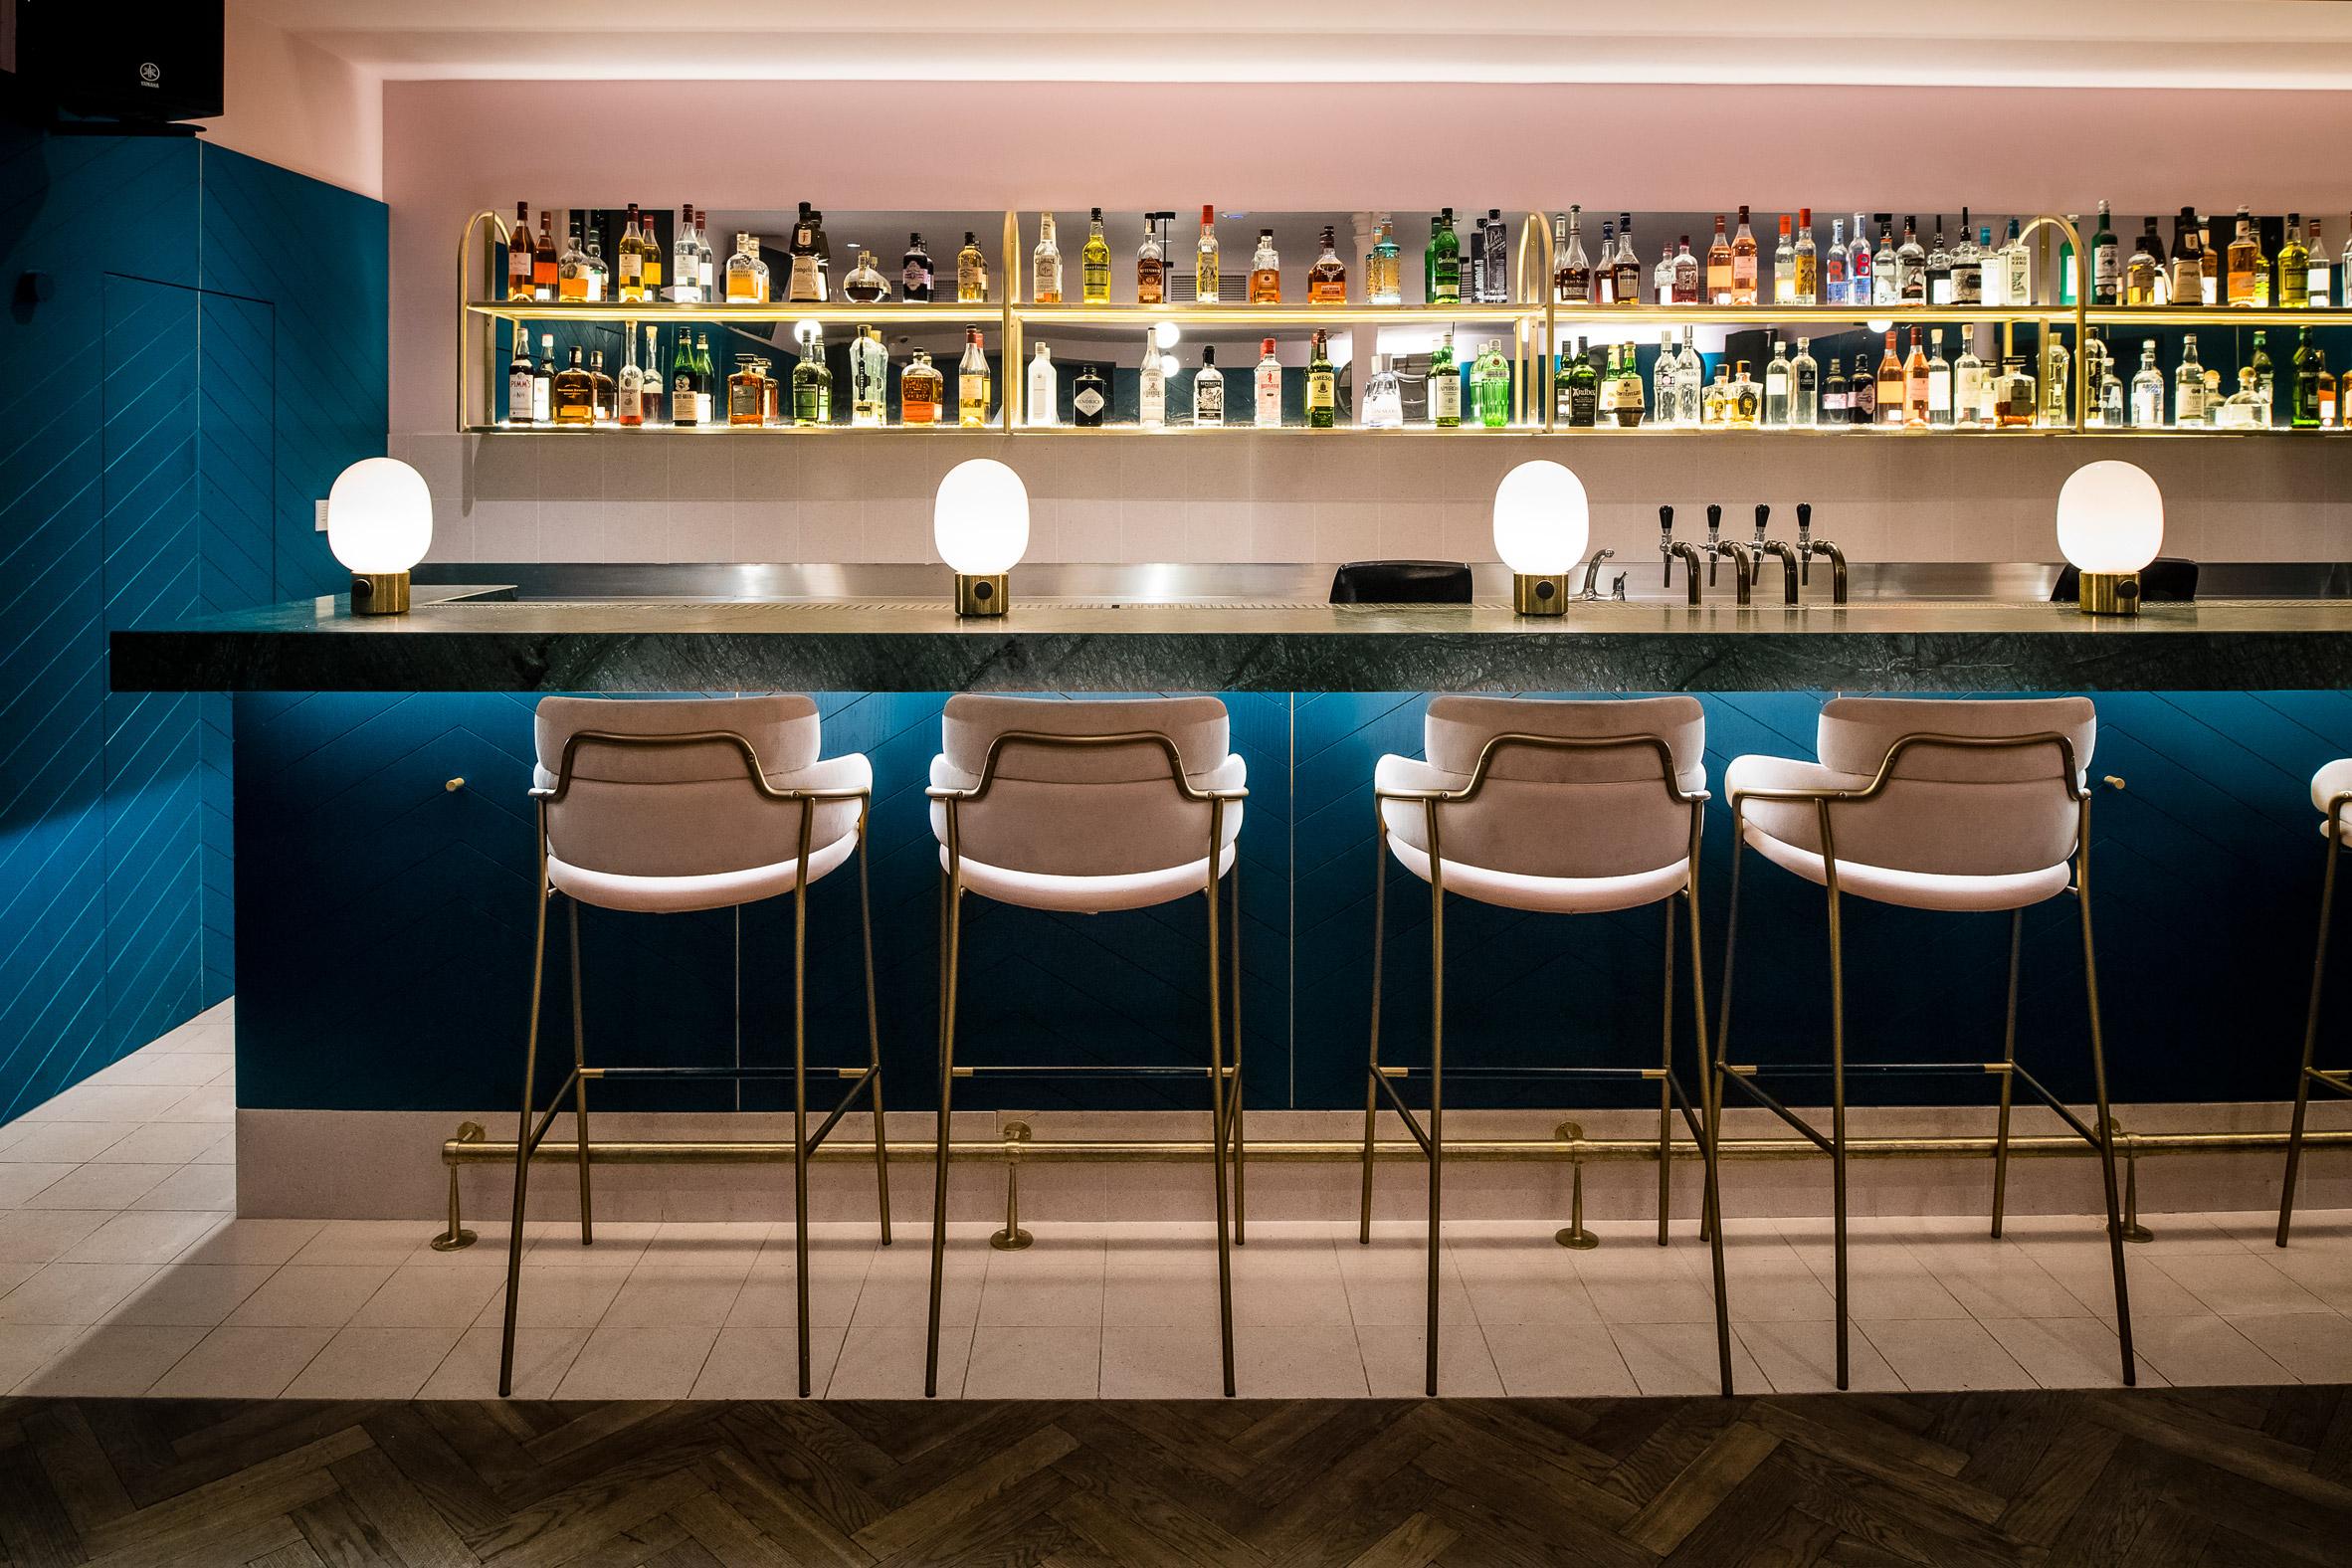 clerkenwell-grind-biasol-restaurants-bars-interiors-london-uk_dezeen_2364_col_4